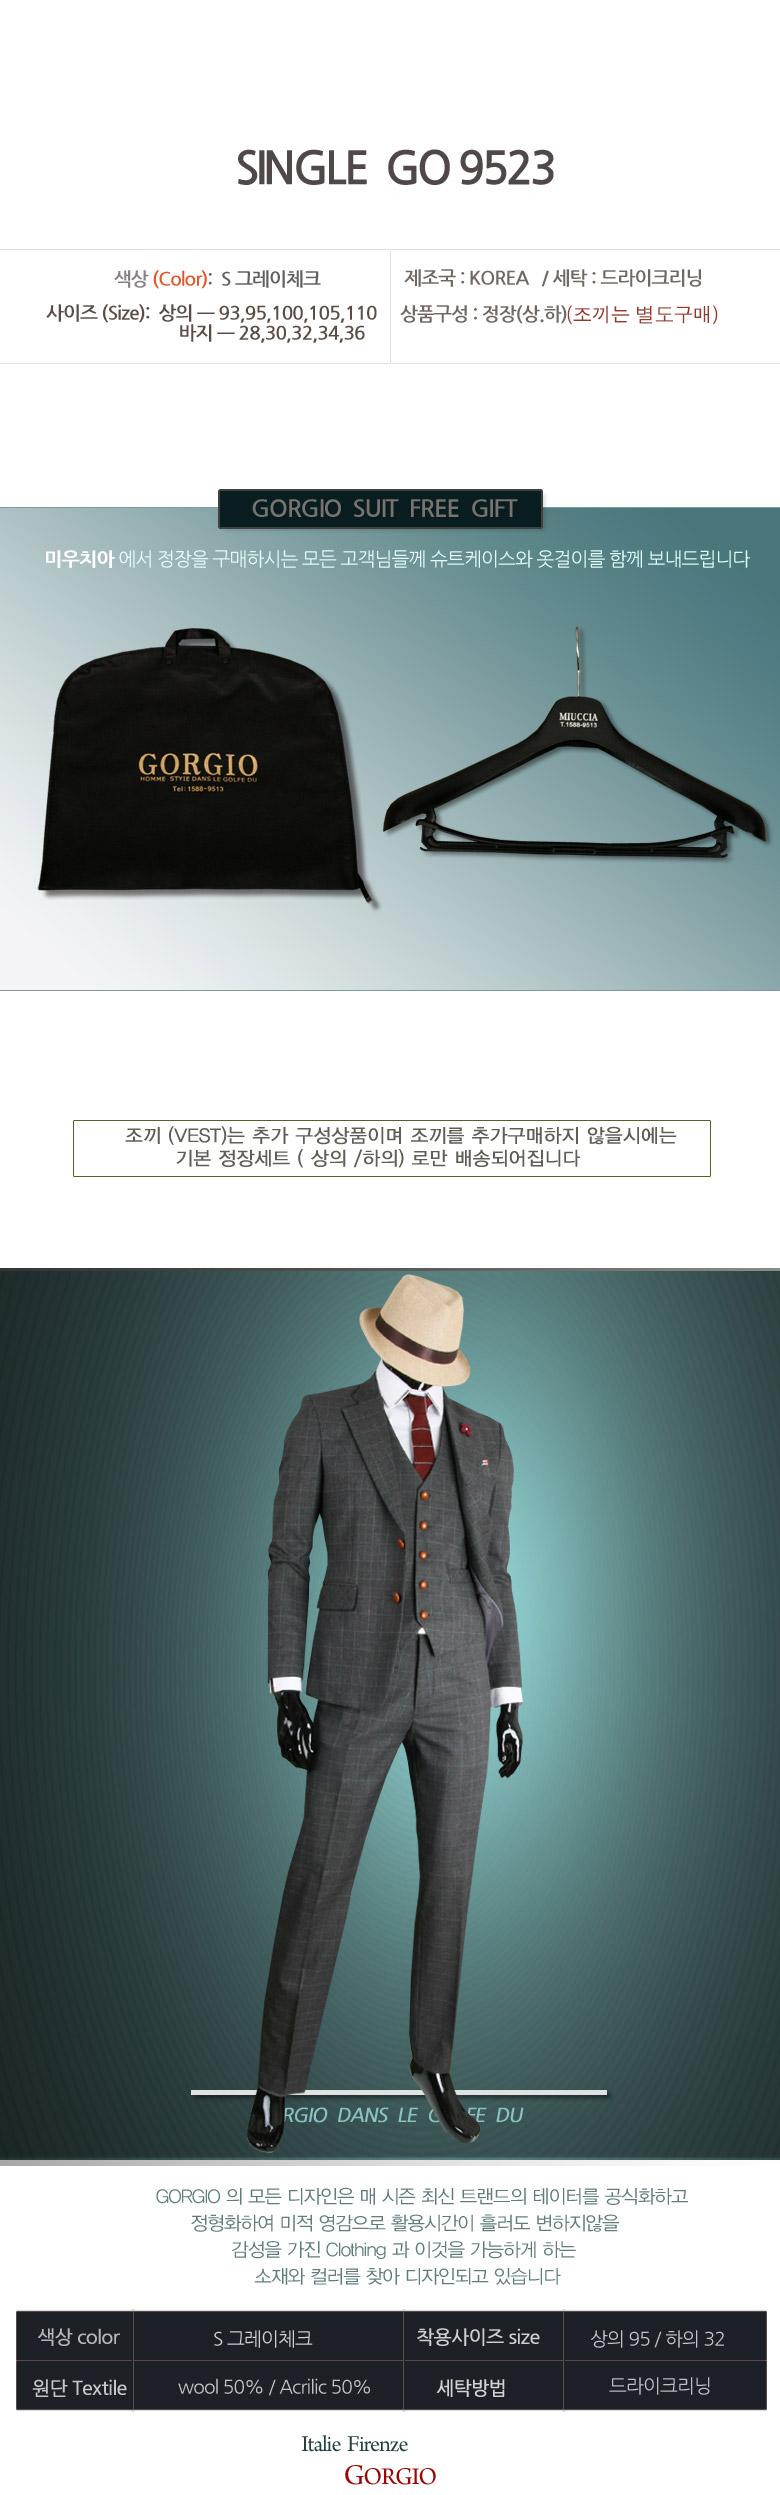 20대남성정장 Men's suits 男性のスーツ 男士西裝